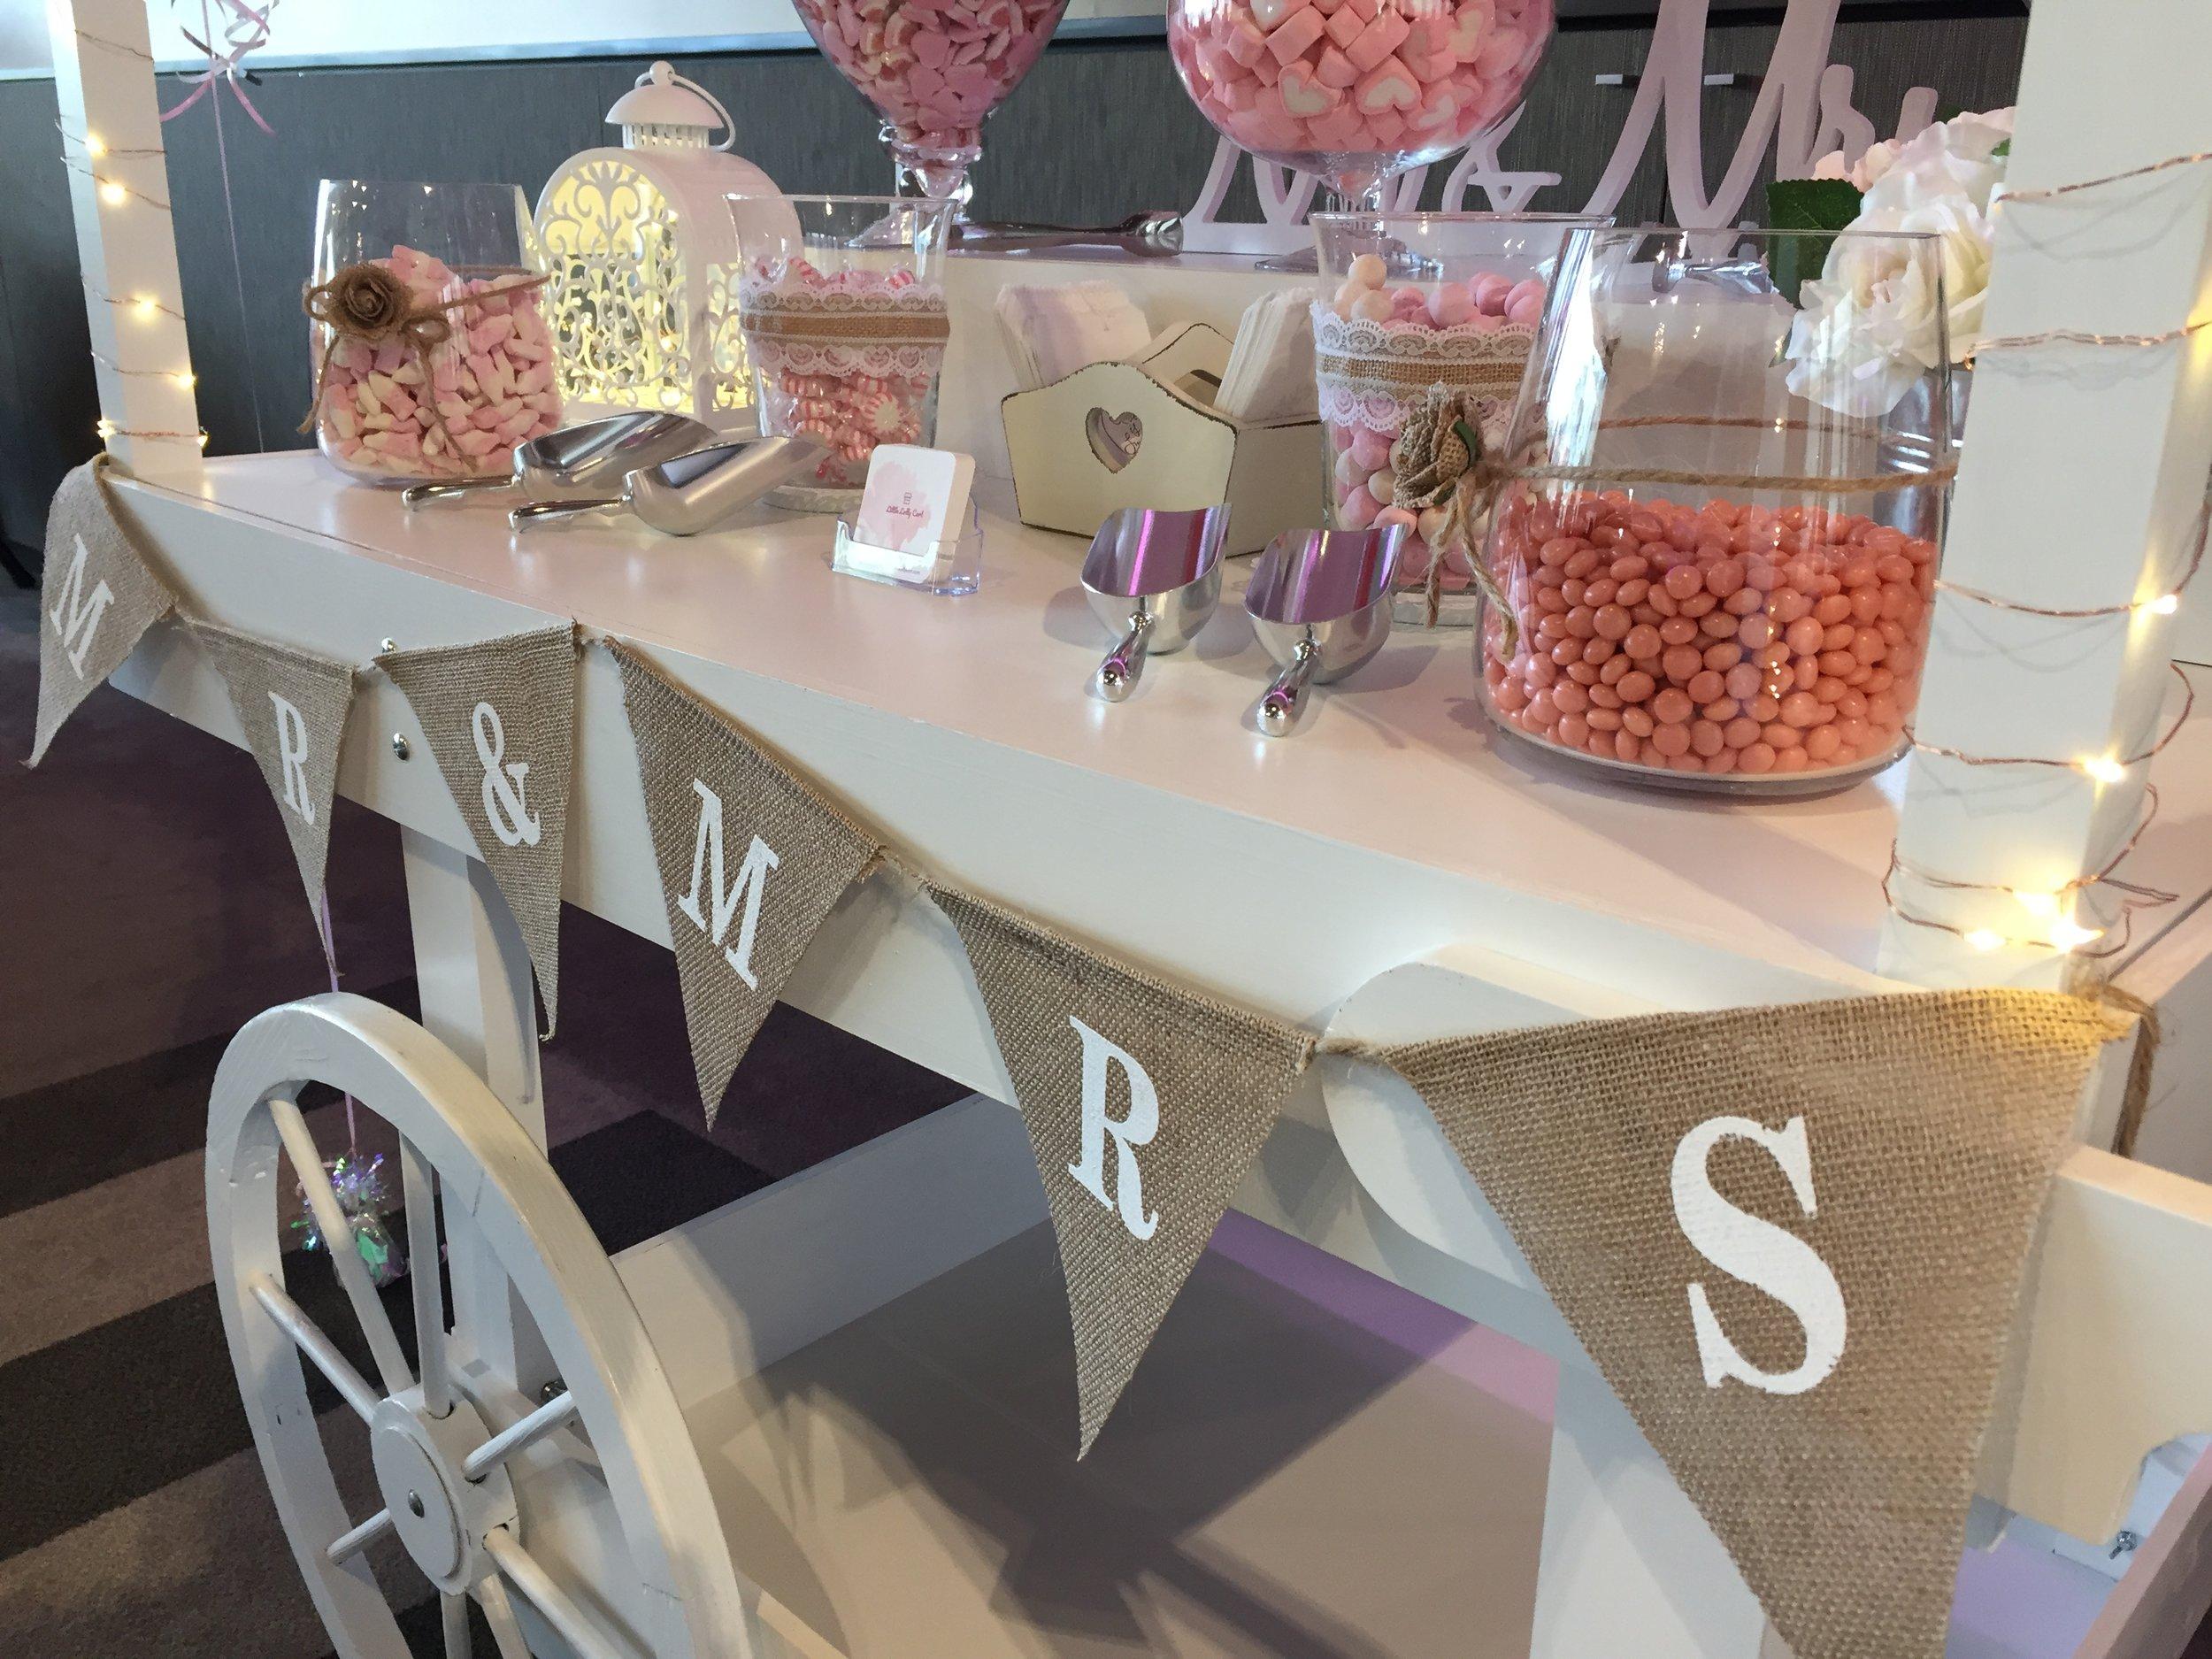 wedding_candy_cart_little_lolly_cart.JPG